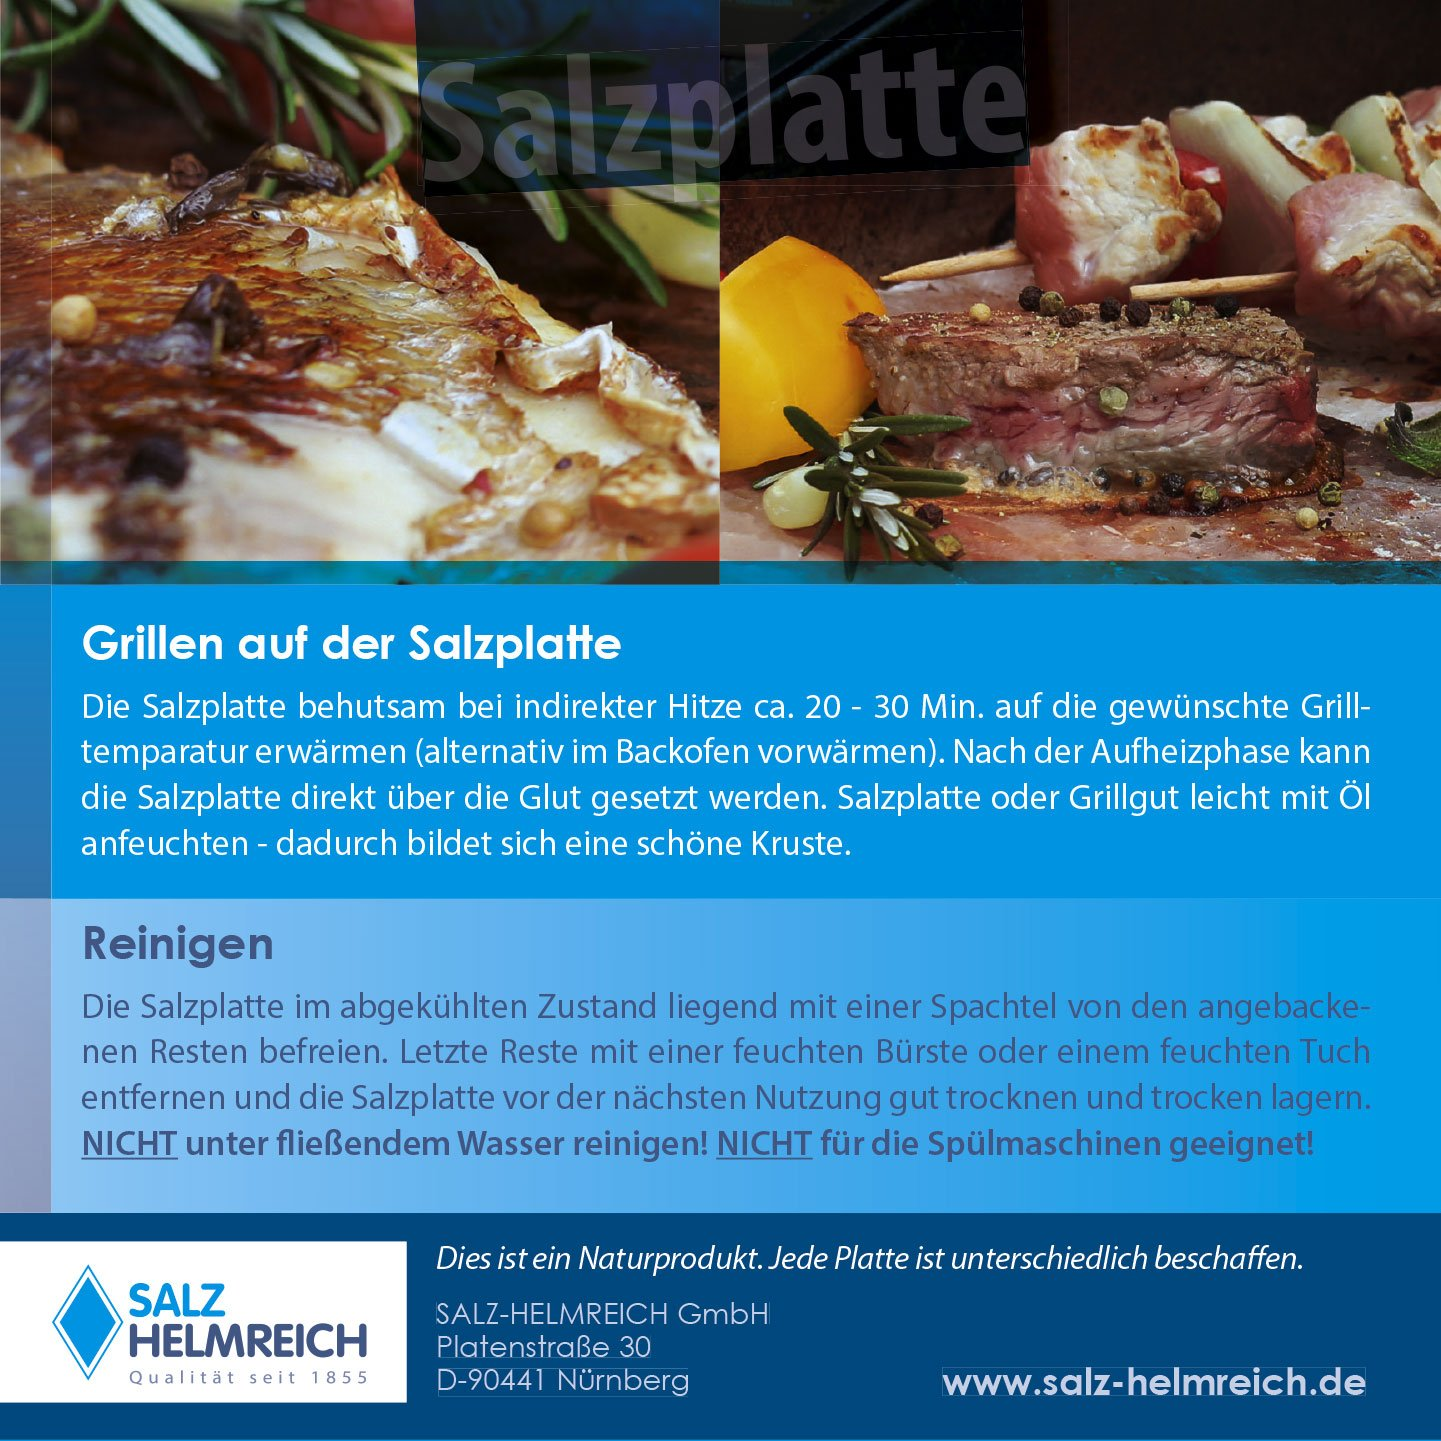 Backofen Reinigen Mit Salz 2 salzsteine bbq salzplatten zum grillen 4 4kg mehrfach